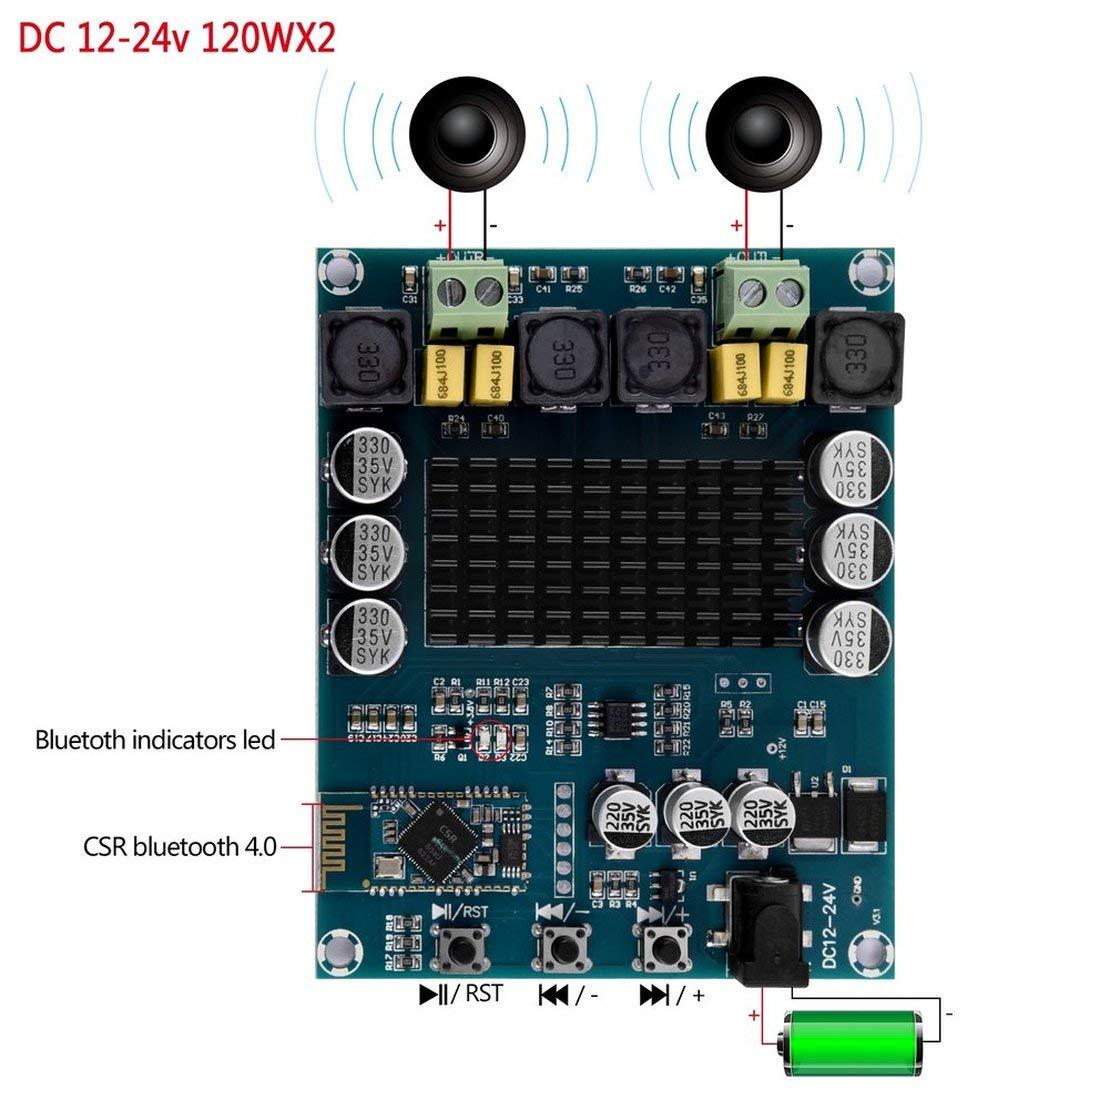 BlackPJenny XH-M548 Wireless Bluetooth 4.0 Dual Channel 120W 120W TPA3116D2 Amplificatore di Potenza Digitale Consiglio Scheda Audio Amplificatore